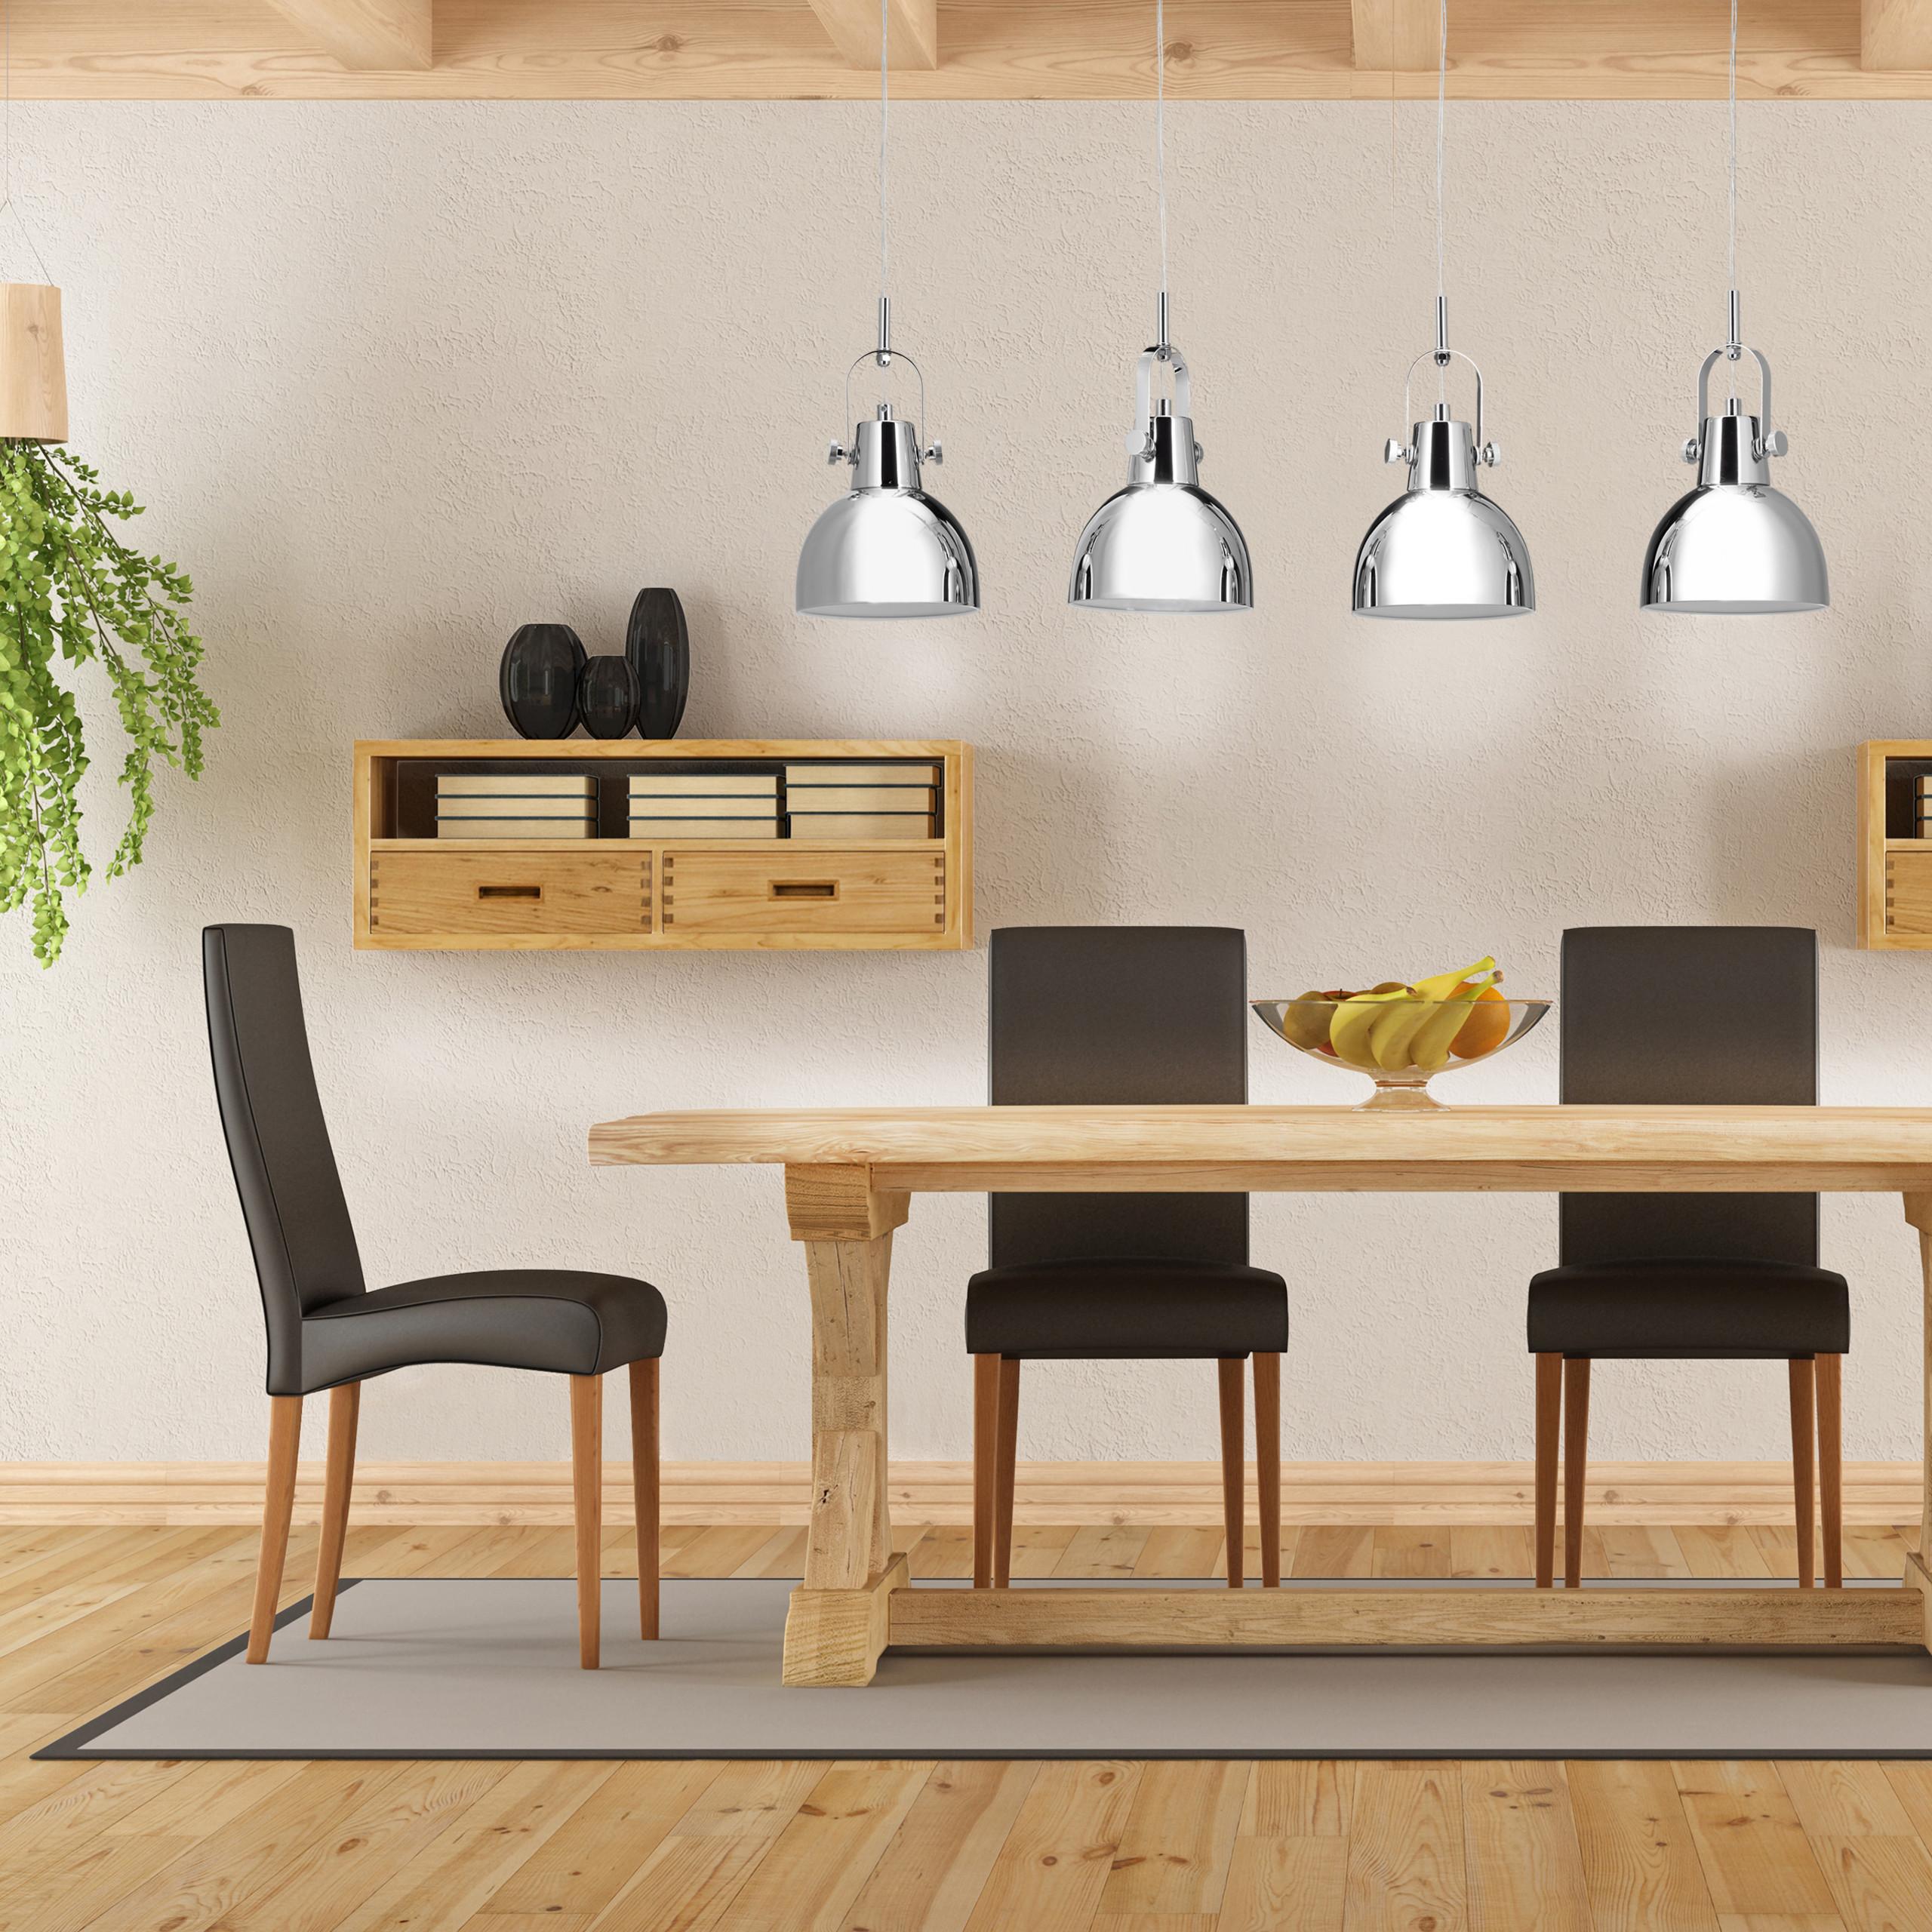 lampe suspension 4 ampoules vintage lampe de plafond m tal luminaire ebay. Black Bedroom Furniture Sets. Home Design Ideas